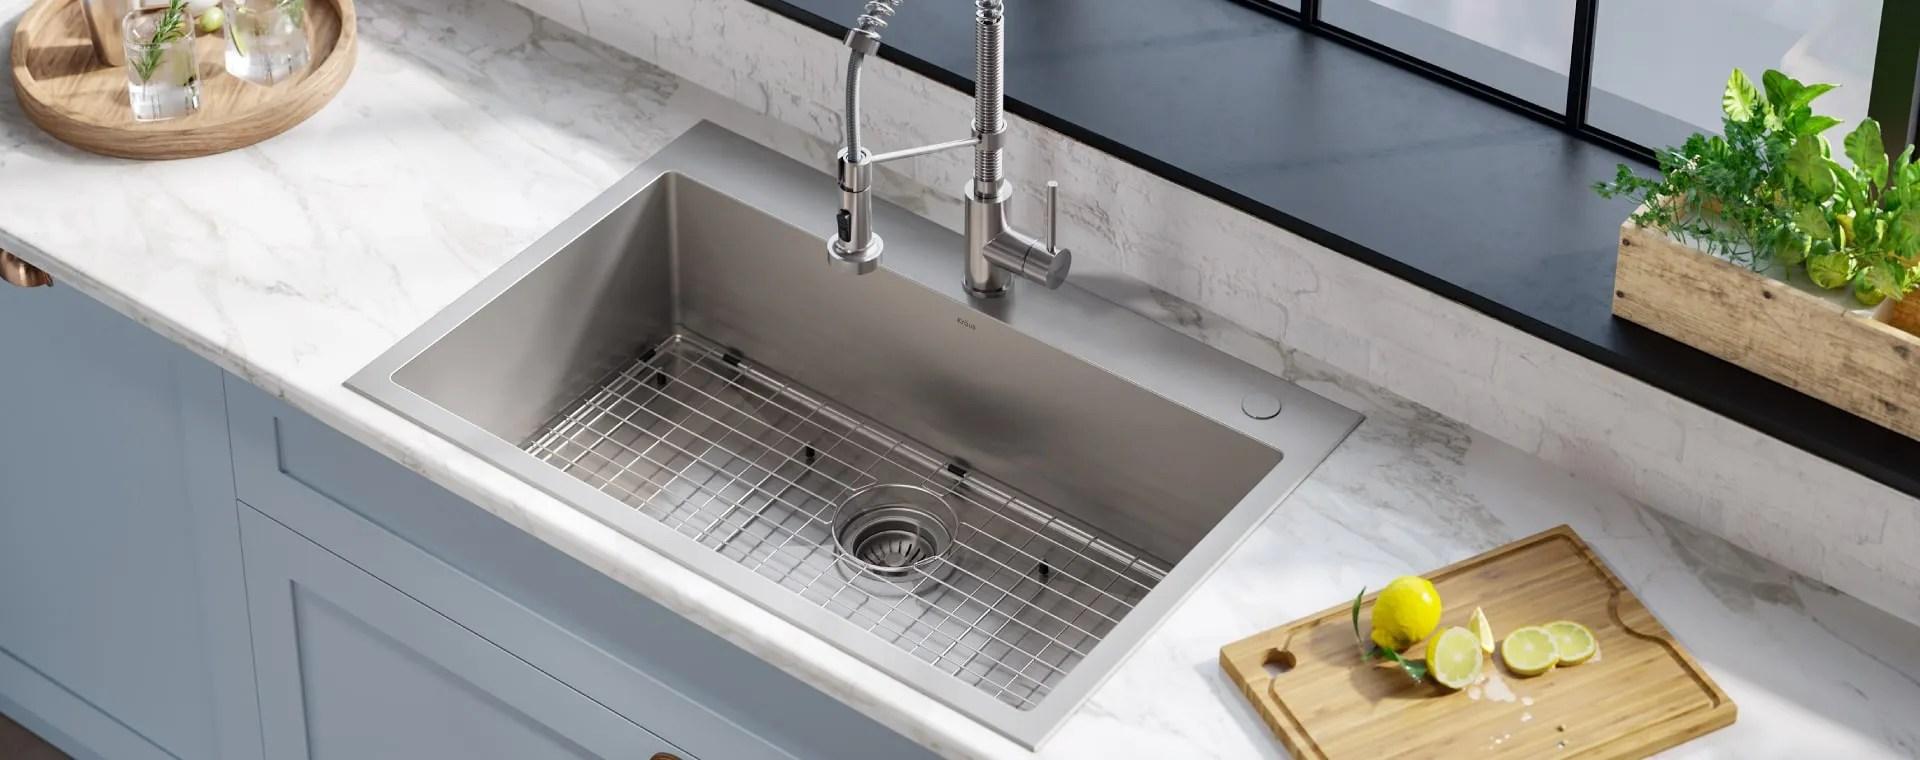 kraus kitchen and bathroom sinks